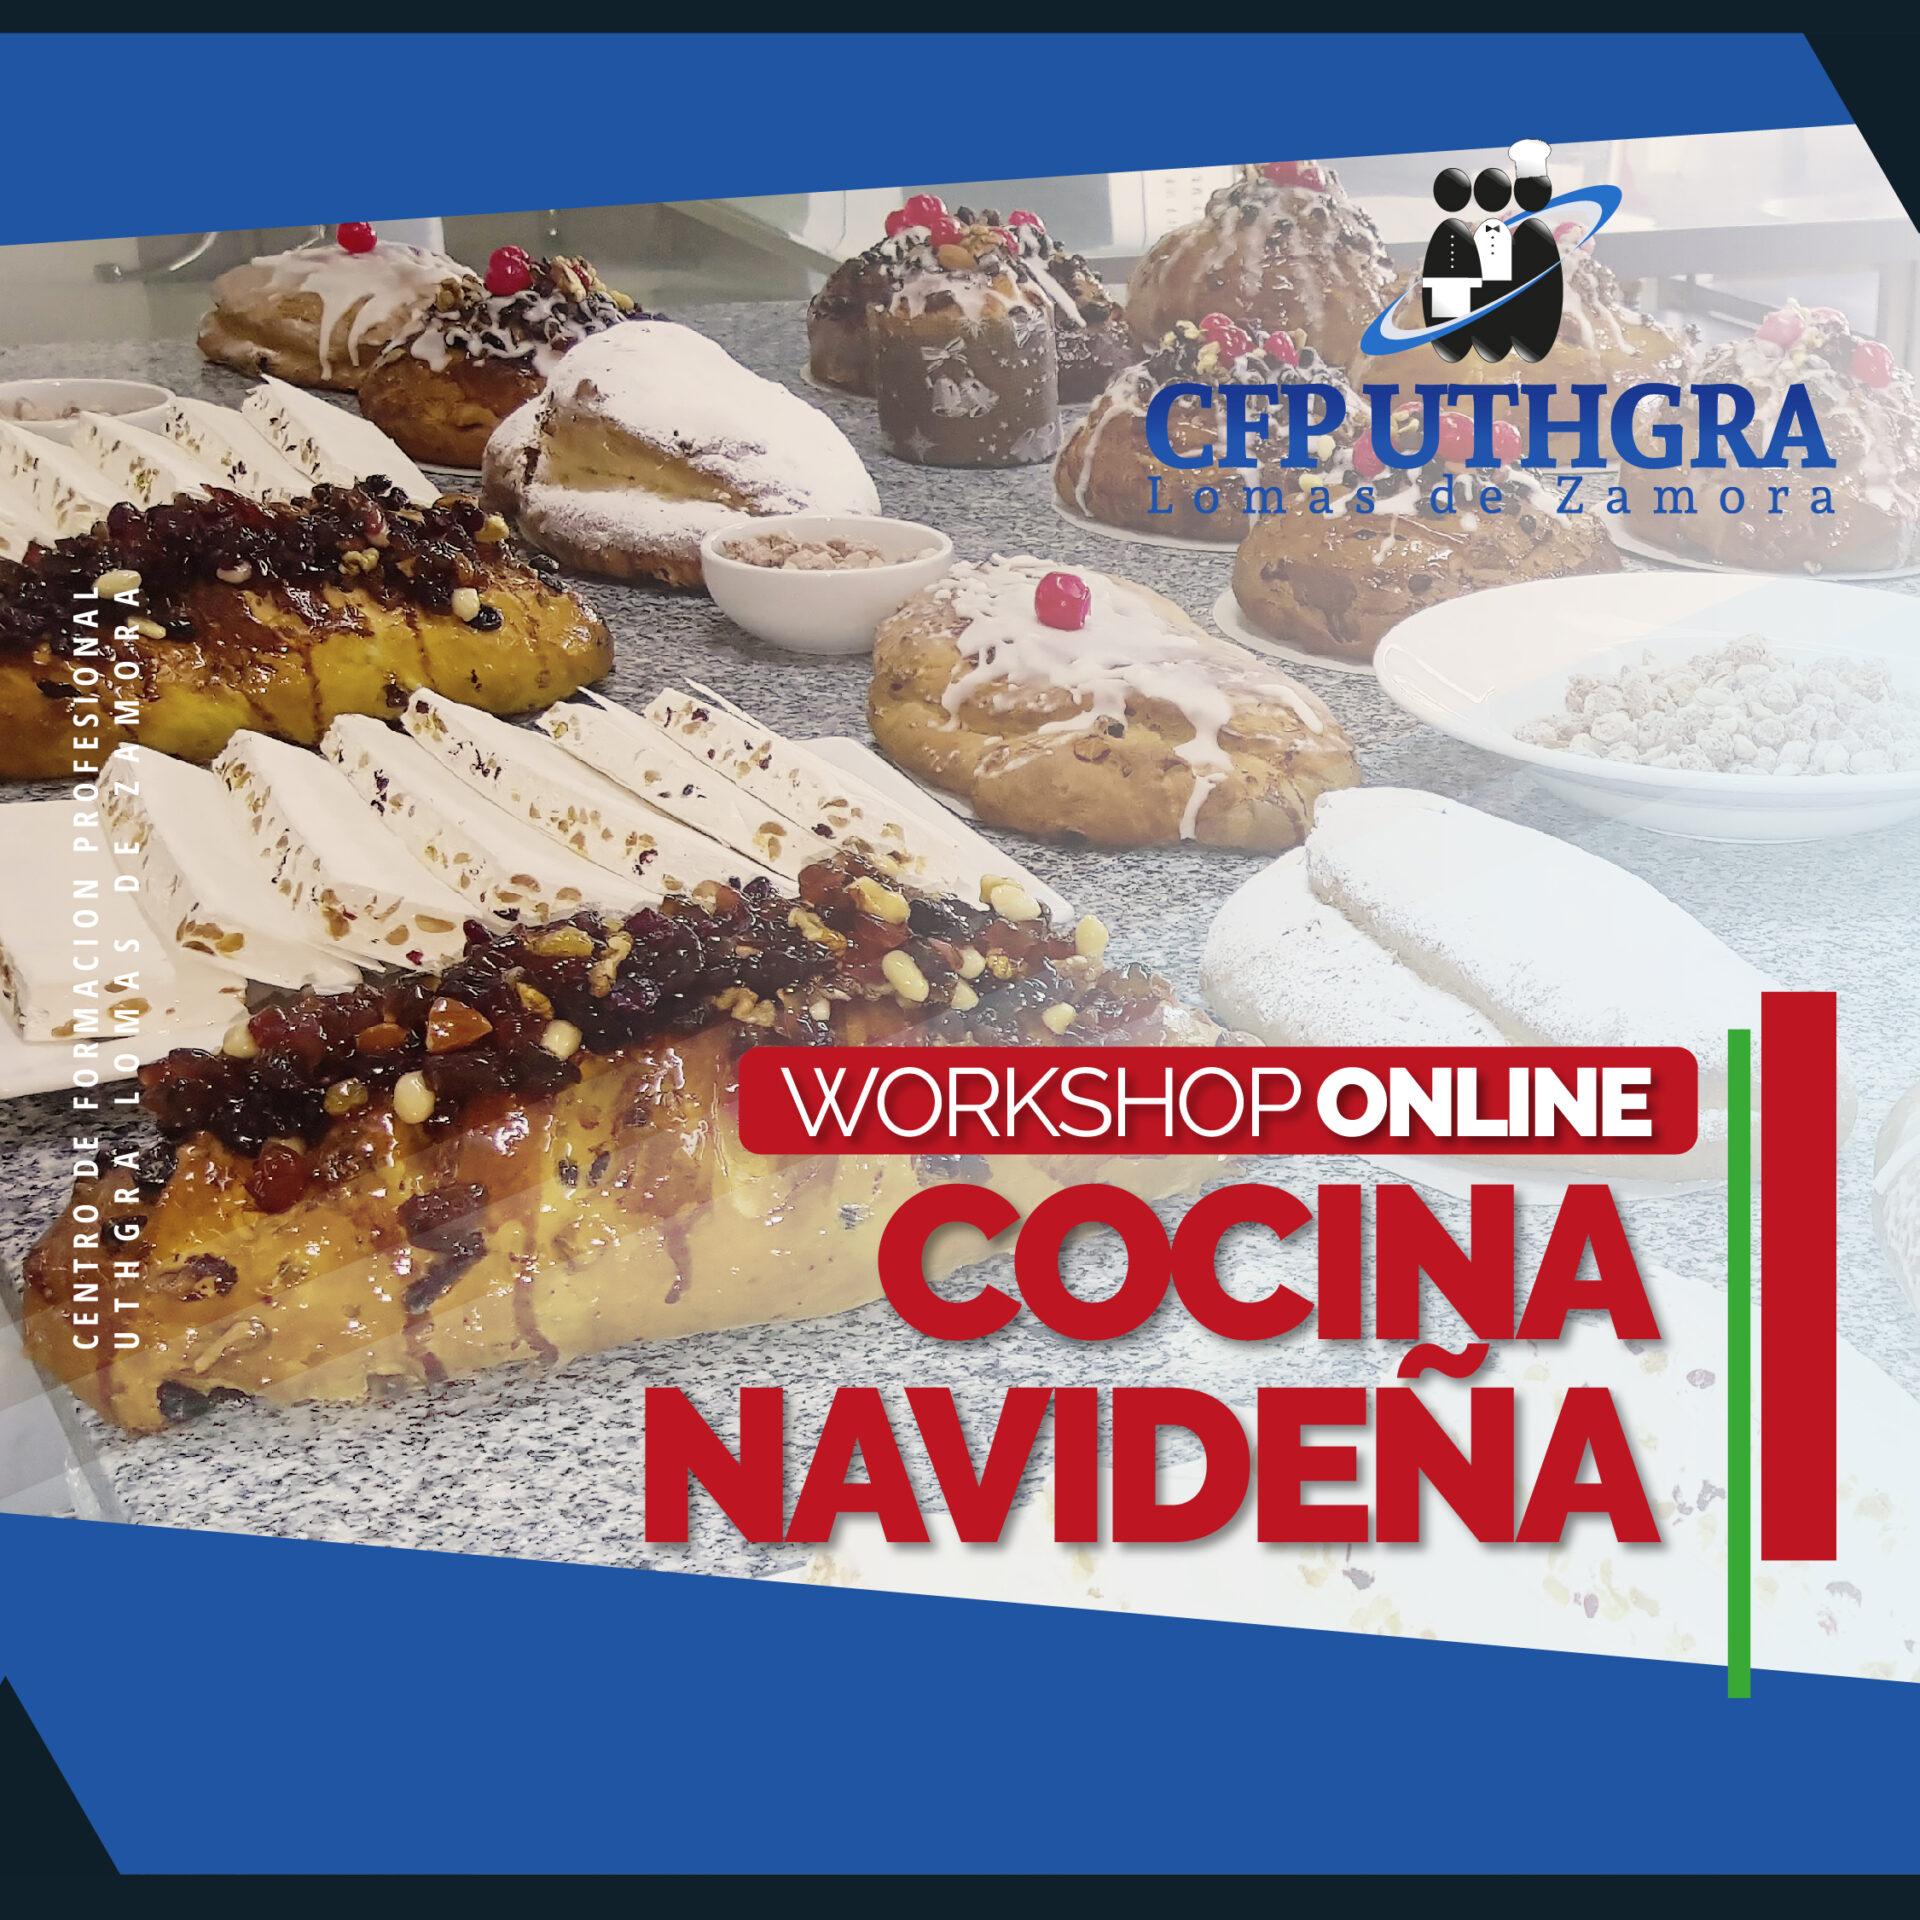 Cfp Uthgra Uthgra Secc Avellaneda Lomas De Zamora